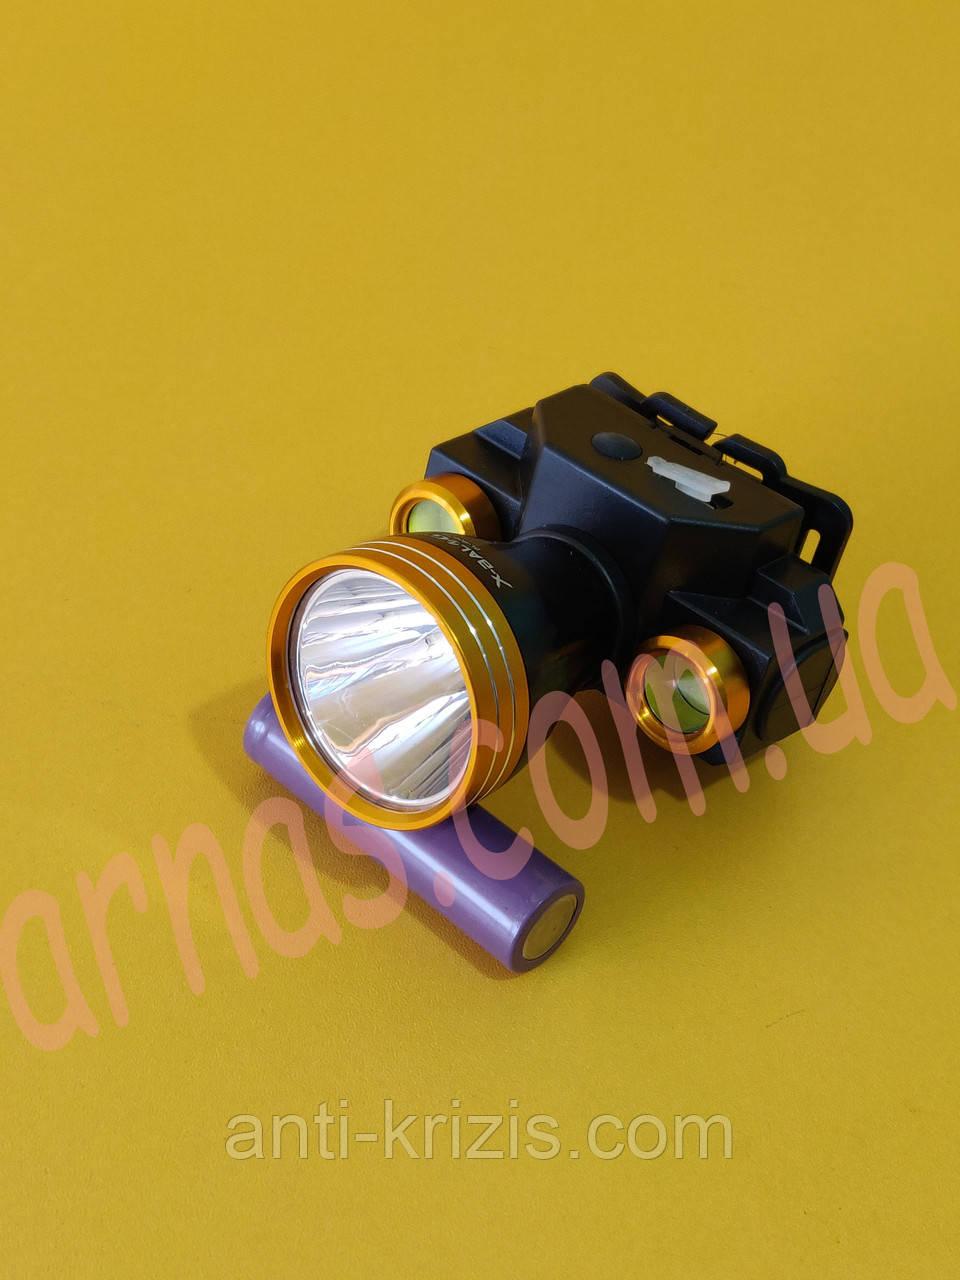 Аккумуляторный налобный фонарь BL-606-T6